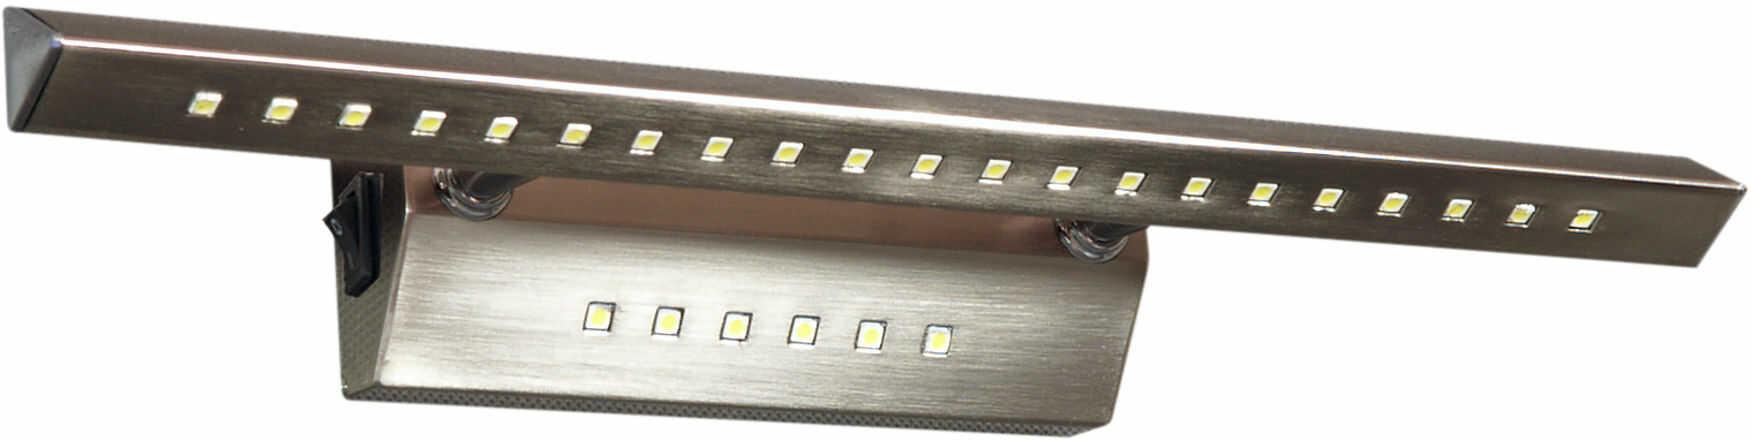 Candellux FORTE LED 3 20-27023 kinkiet lampa ścienna satyna nikiel rurka trójkątna z wyłącznikiem LAMPA KINKIET 7W LED 40,5cm